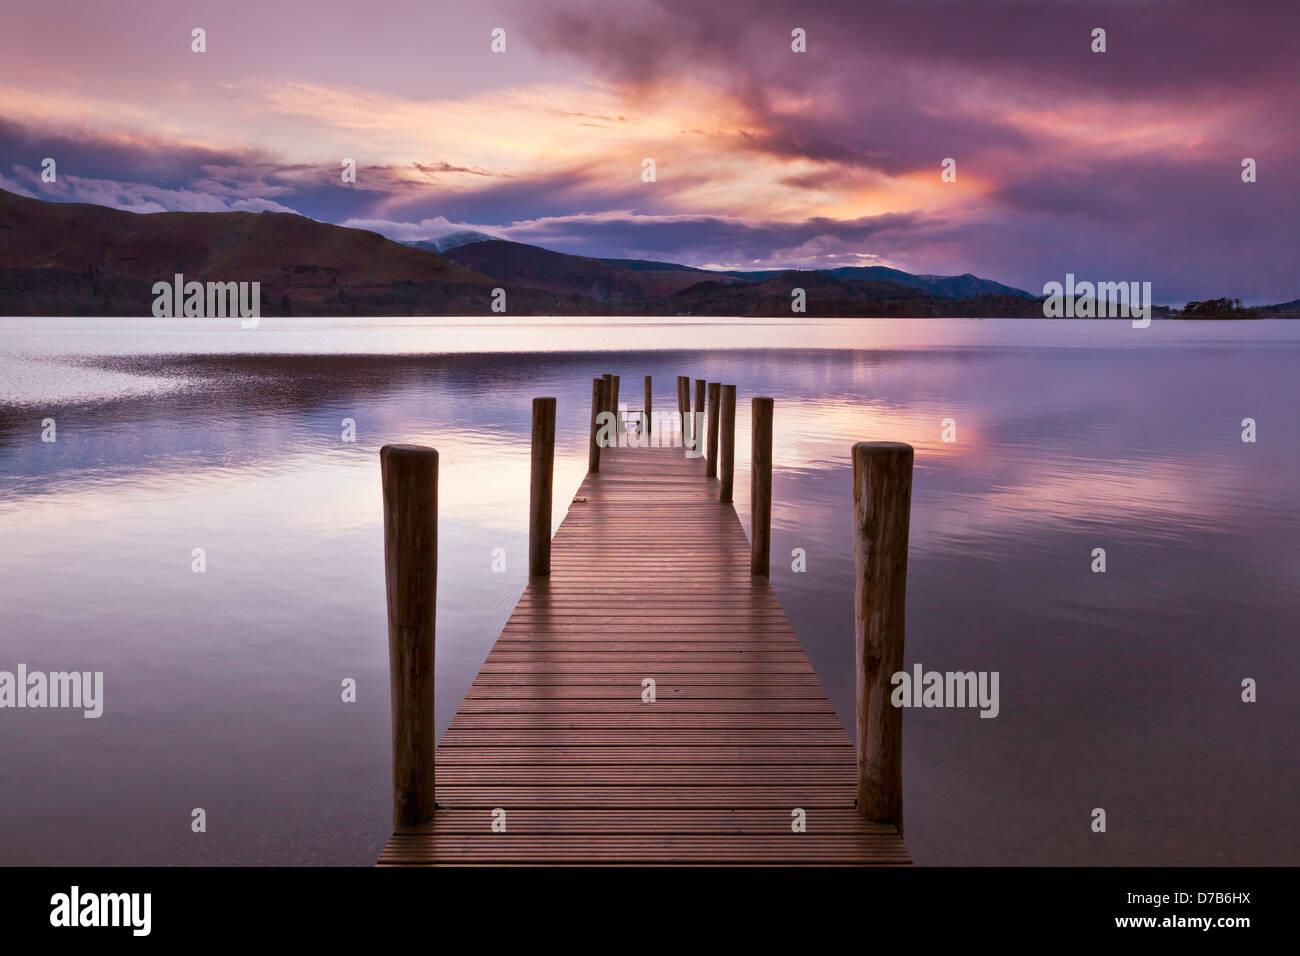 Traghetto fase di atterraggio sulla Derwent Water al tramonto Borrowdale Near Keswick Lake District Cumbria Inghilterra Immagini Stock